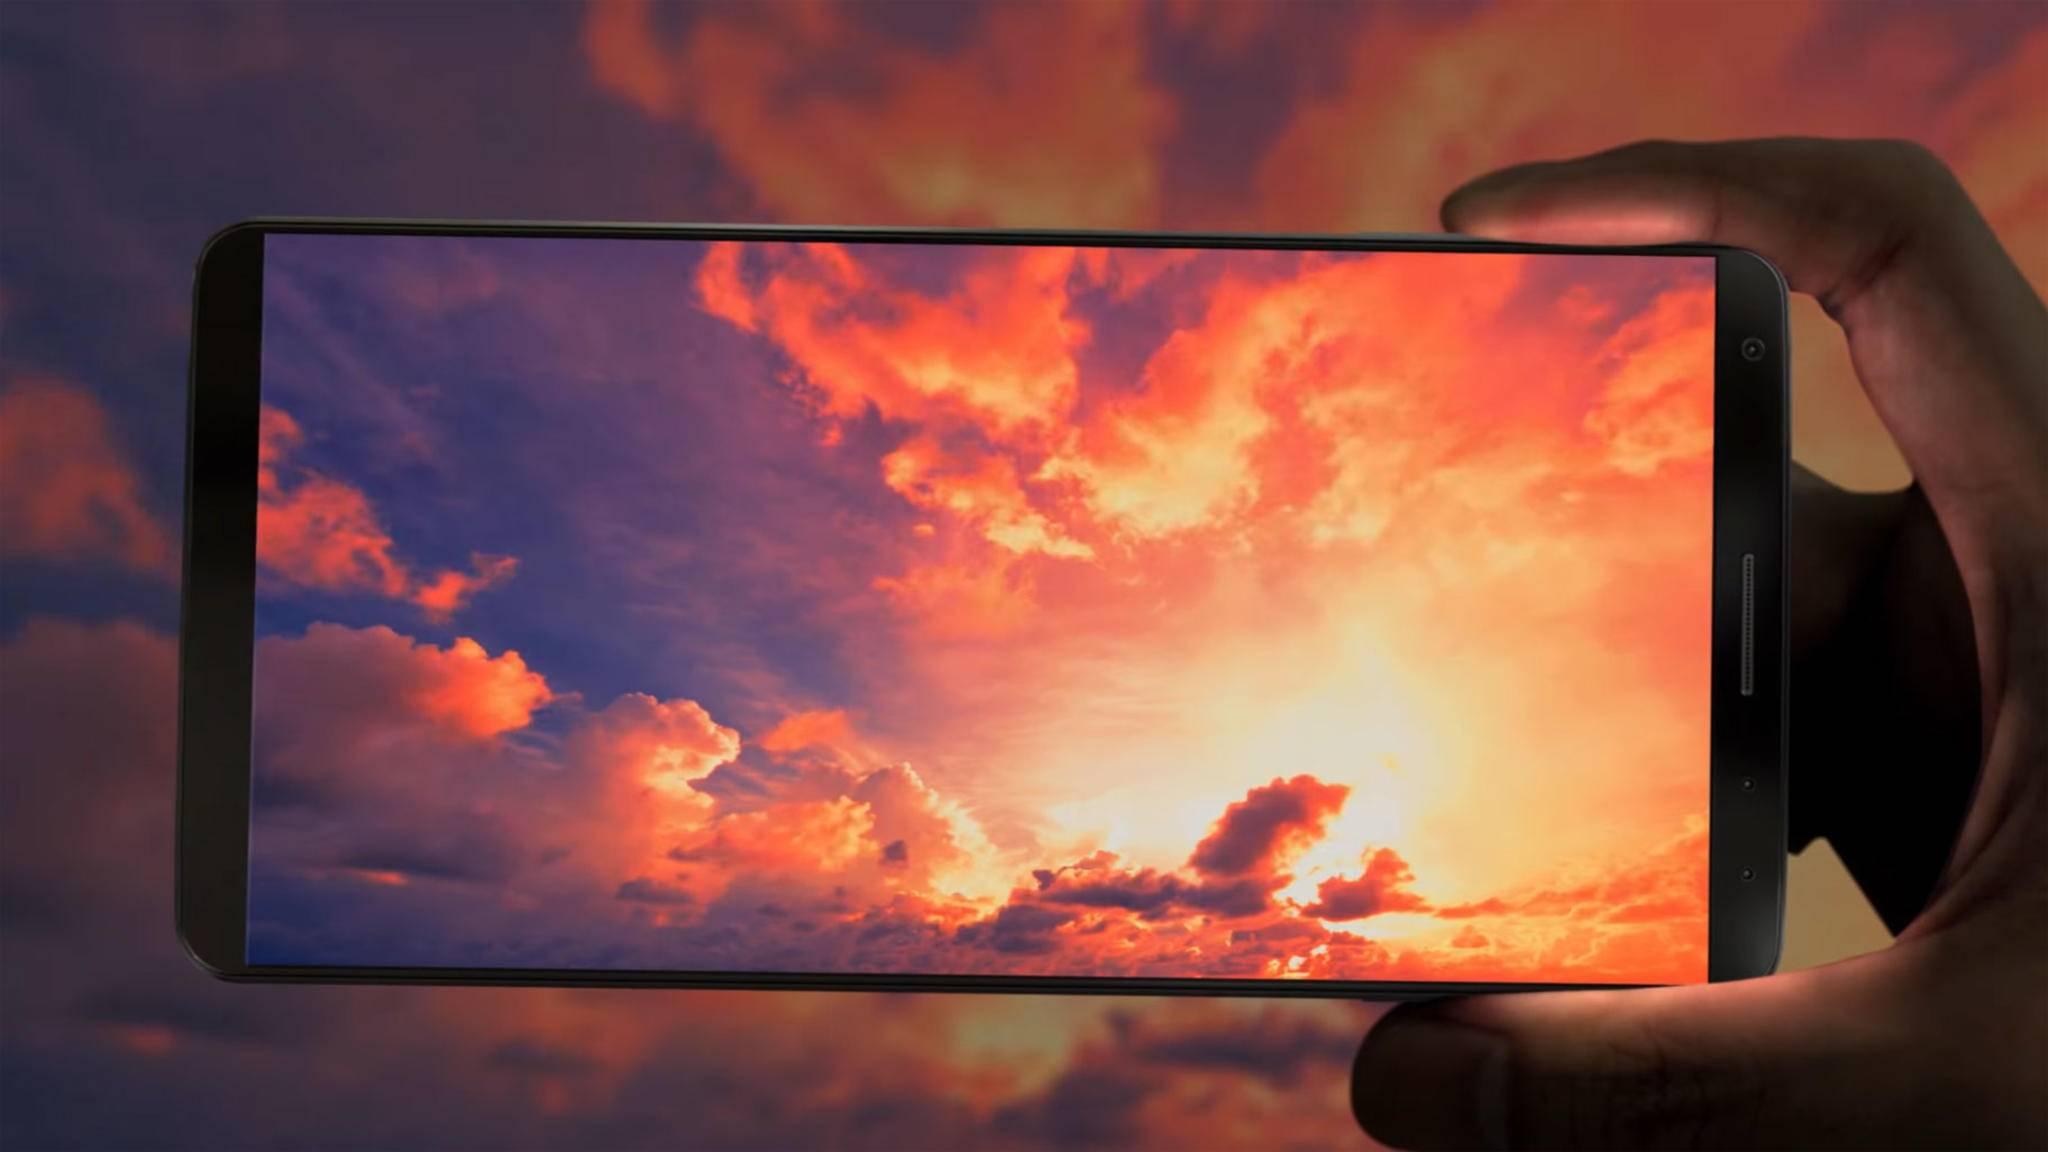 Das Galaxy S8 könnte neben Bixby ein weiteres KI-System erhalten.